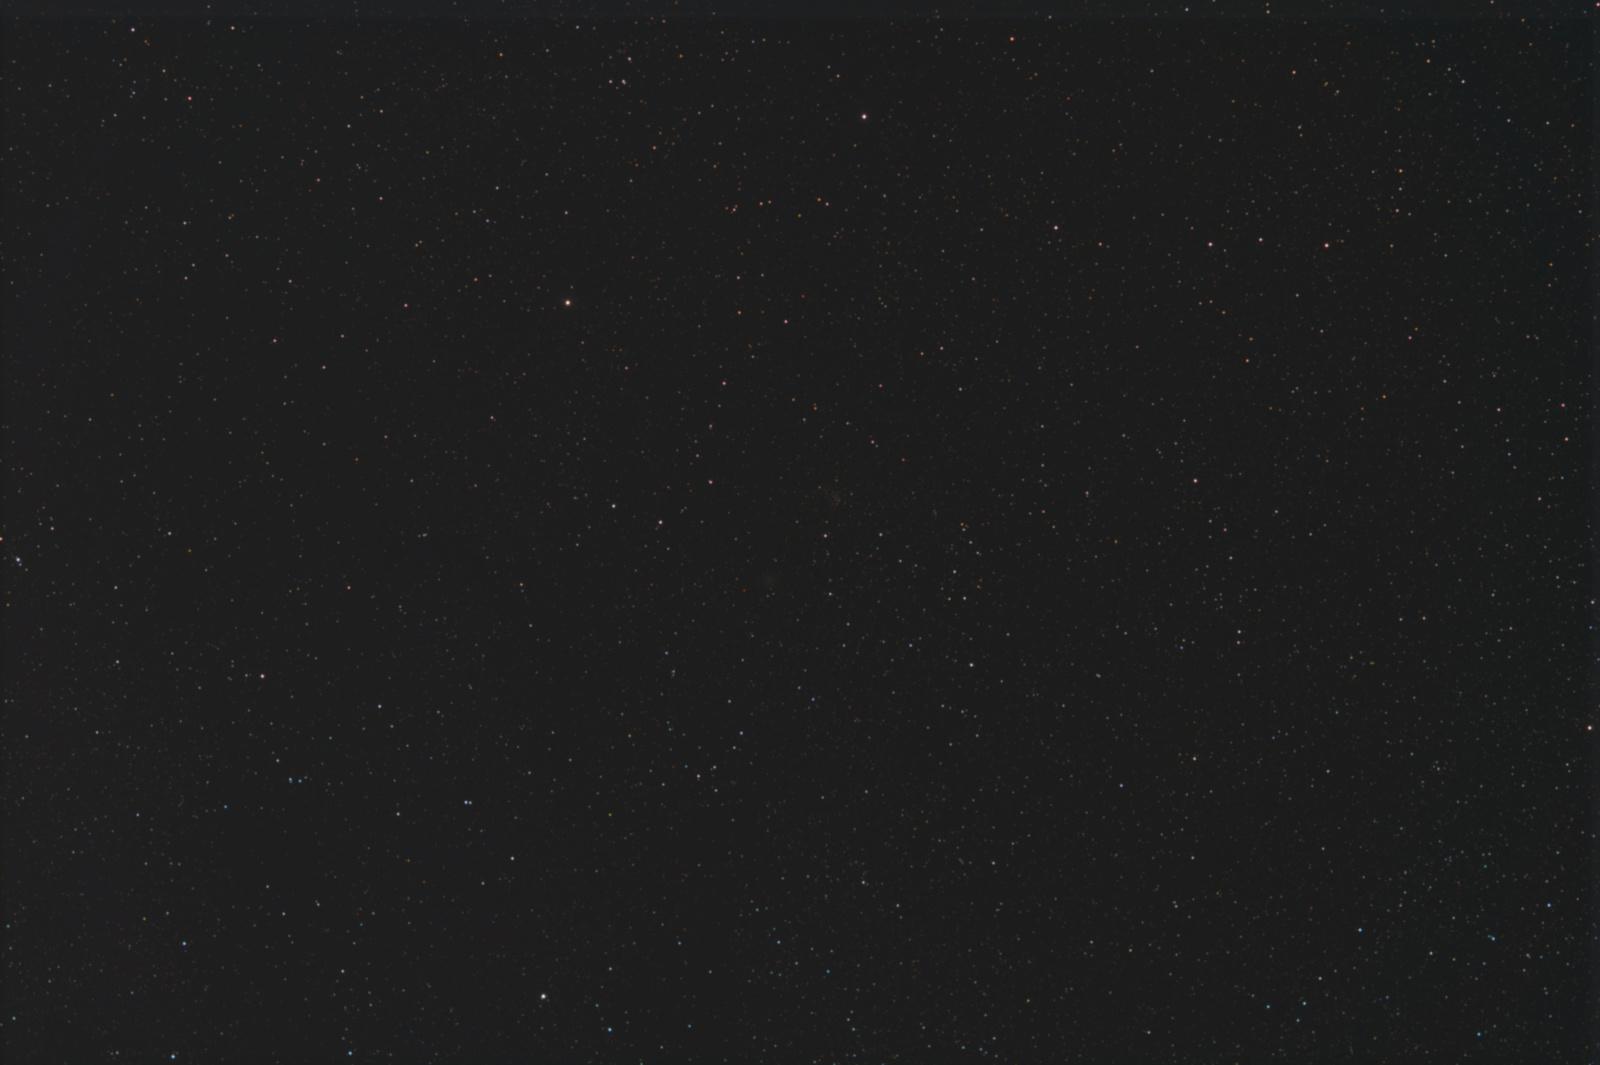 blur_gradient_Regim_Sigma2-0_48x120s_iso100_f4-0_MD_MFf4-0.thumb.jpg.dbc59a958f2729598a344ae896bd0188.jpg